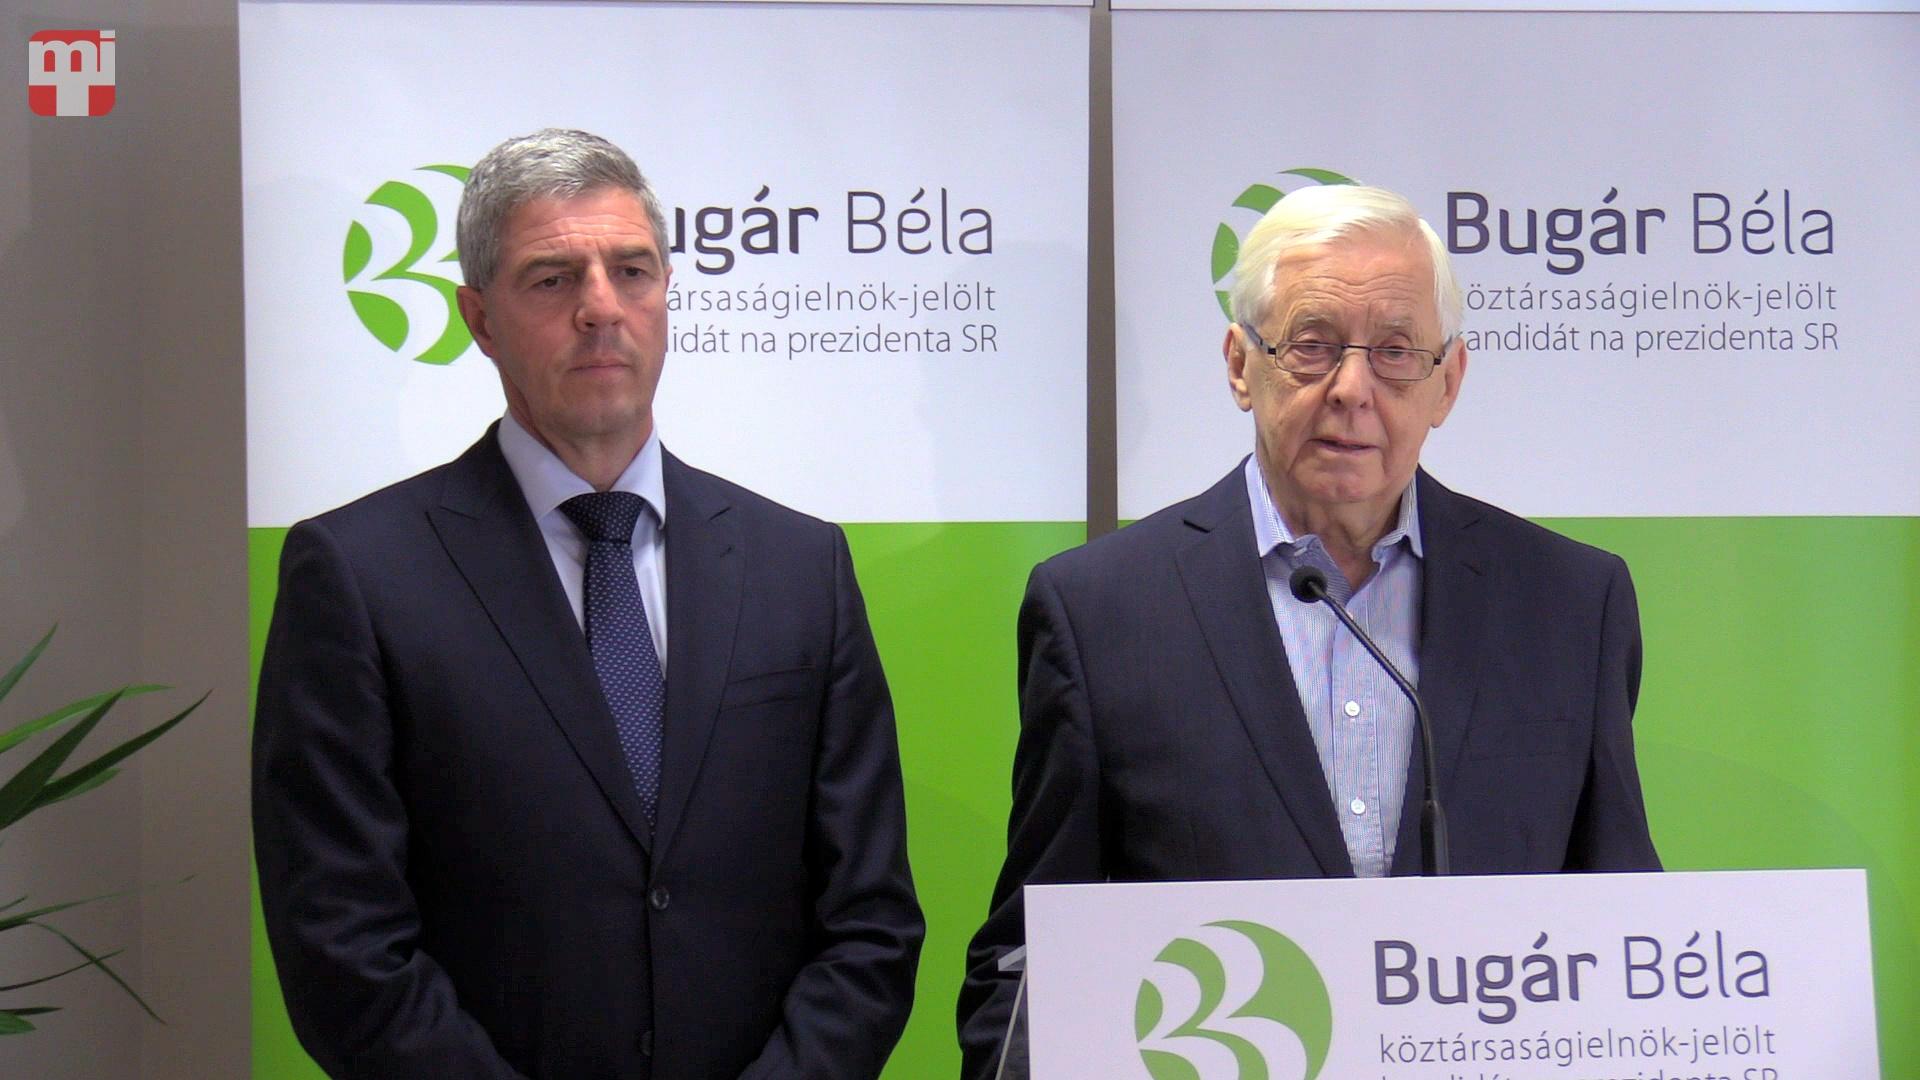 Bugár Béla és Rudolf Chmel